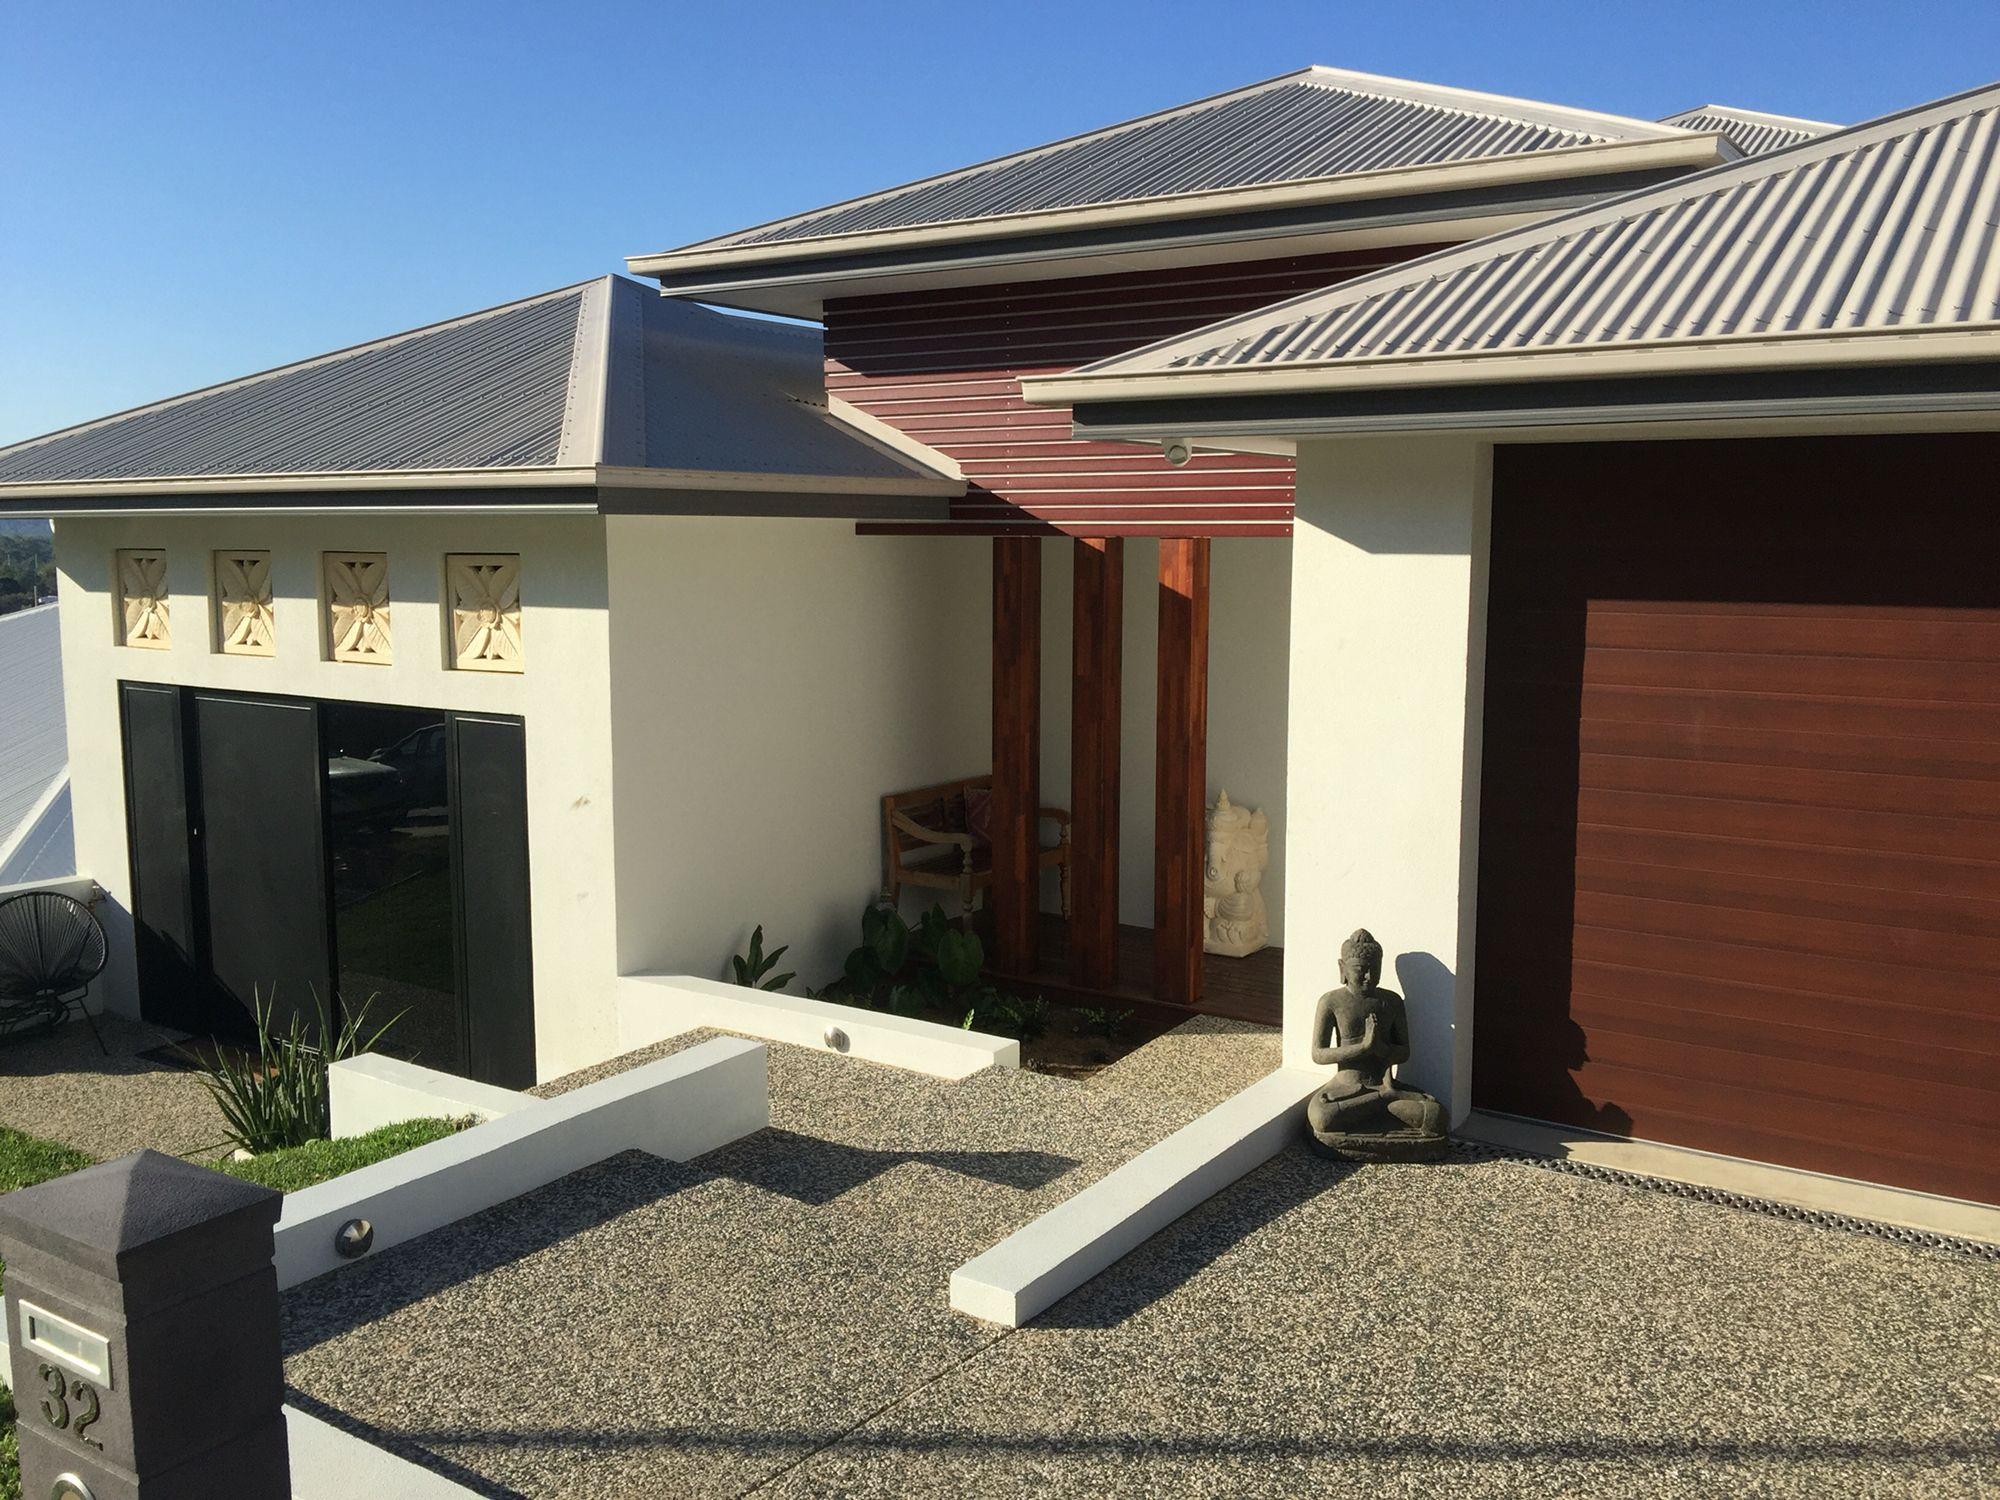 House Colours Colorbond Roof Gutters Dune Facias Basalt